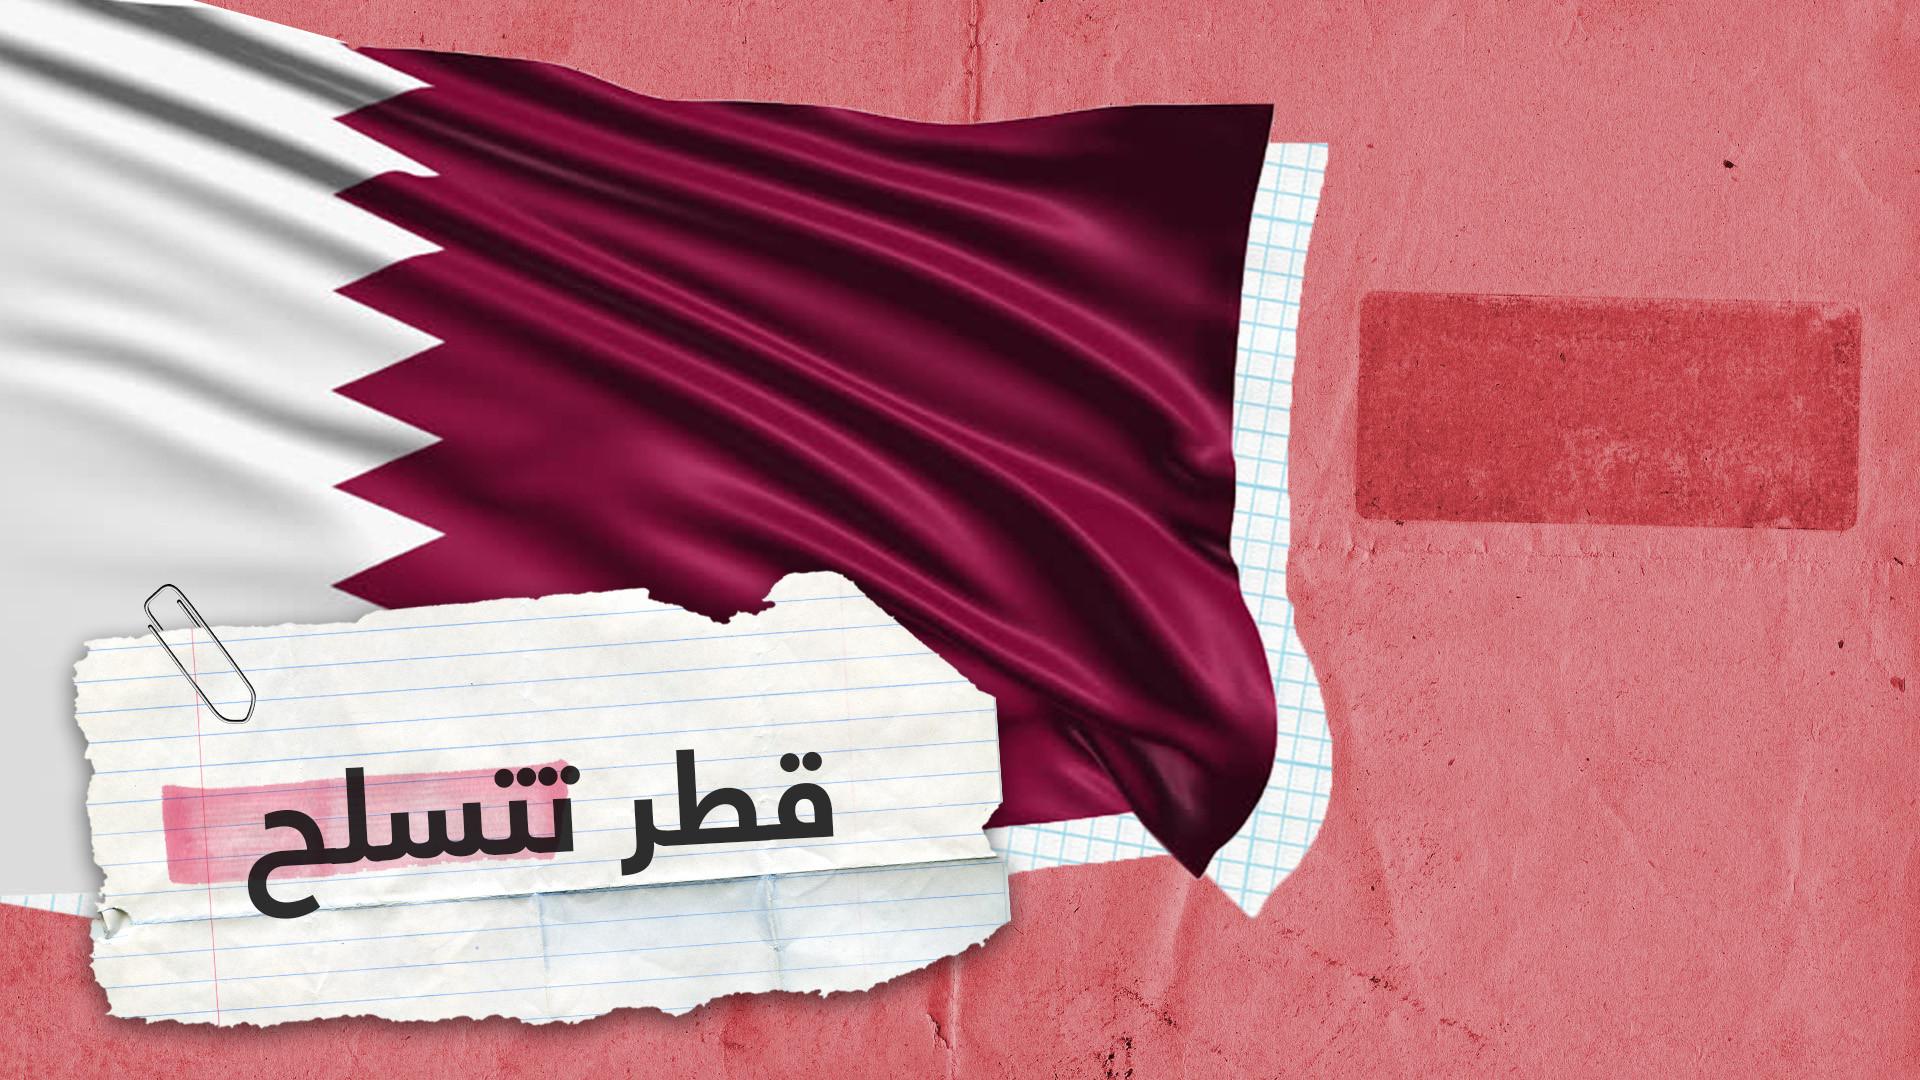 صفقات كبرى من الرافال للأباتشي.. هل دخلت قطر في سباق تسلح؟